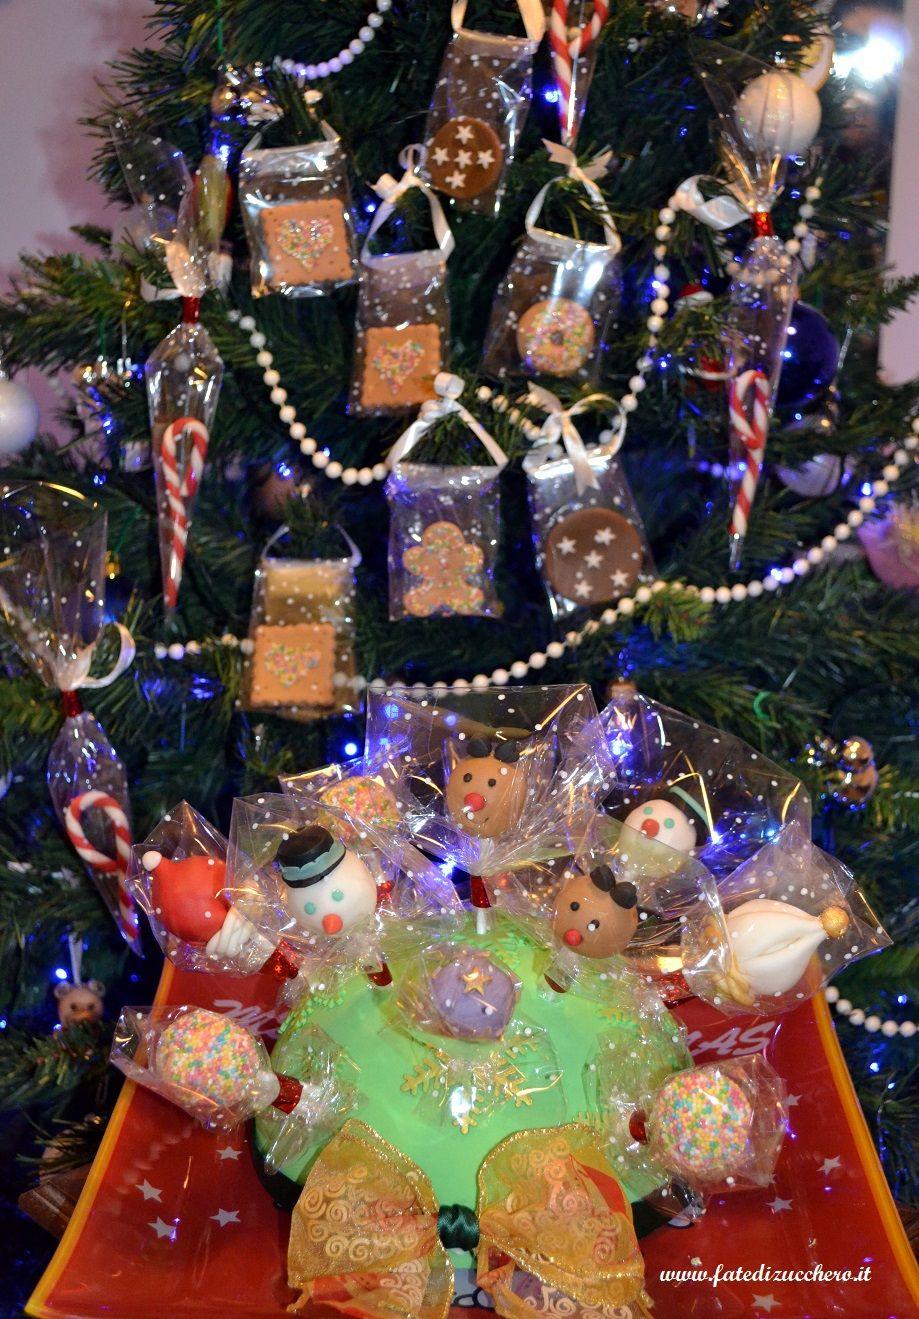 Segnaposto Natalizi Pasta Di Zucchero.Decorazioni Per L Albero Di Natale Tutte Da Mangiare Fate Di